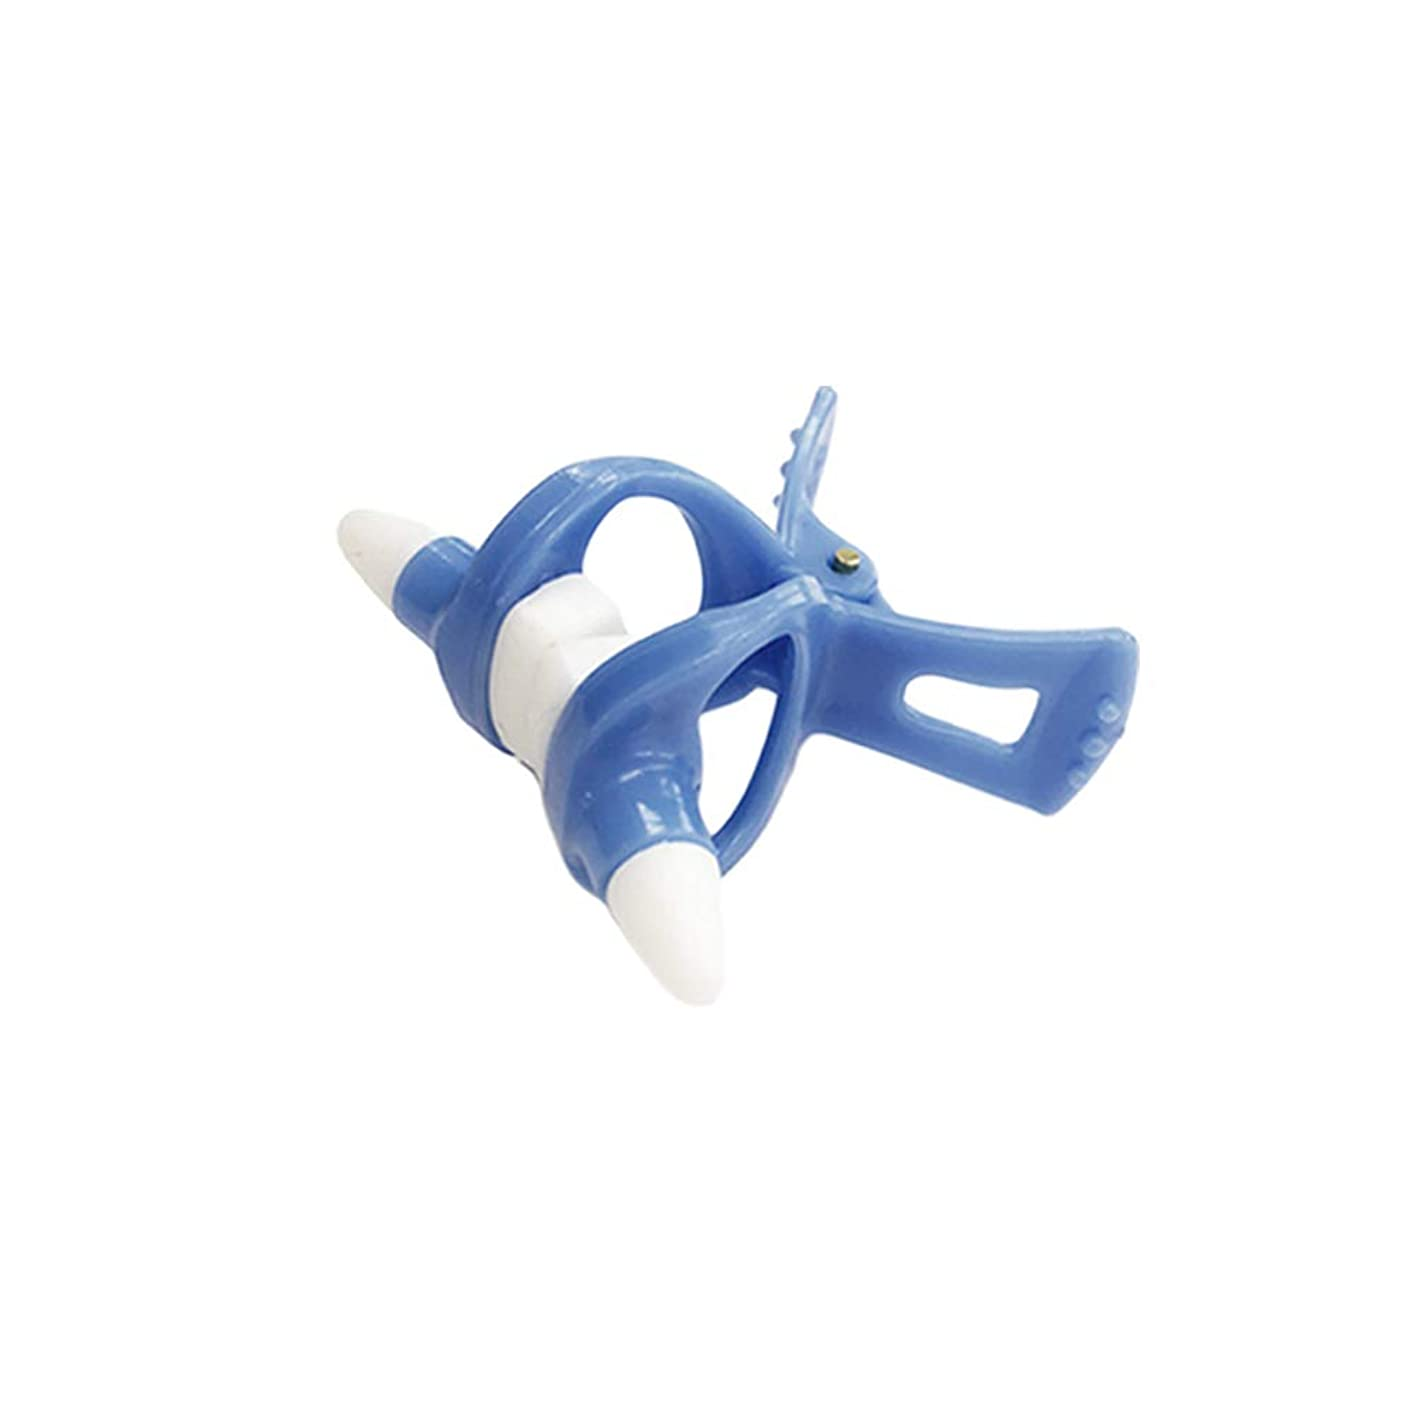 取得する敬好戦的な[jolifavori]鼻を高くするための矯正クリップ 鼻高々ノーズアップ 美容グッズ